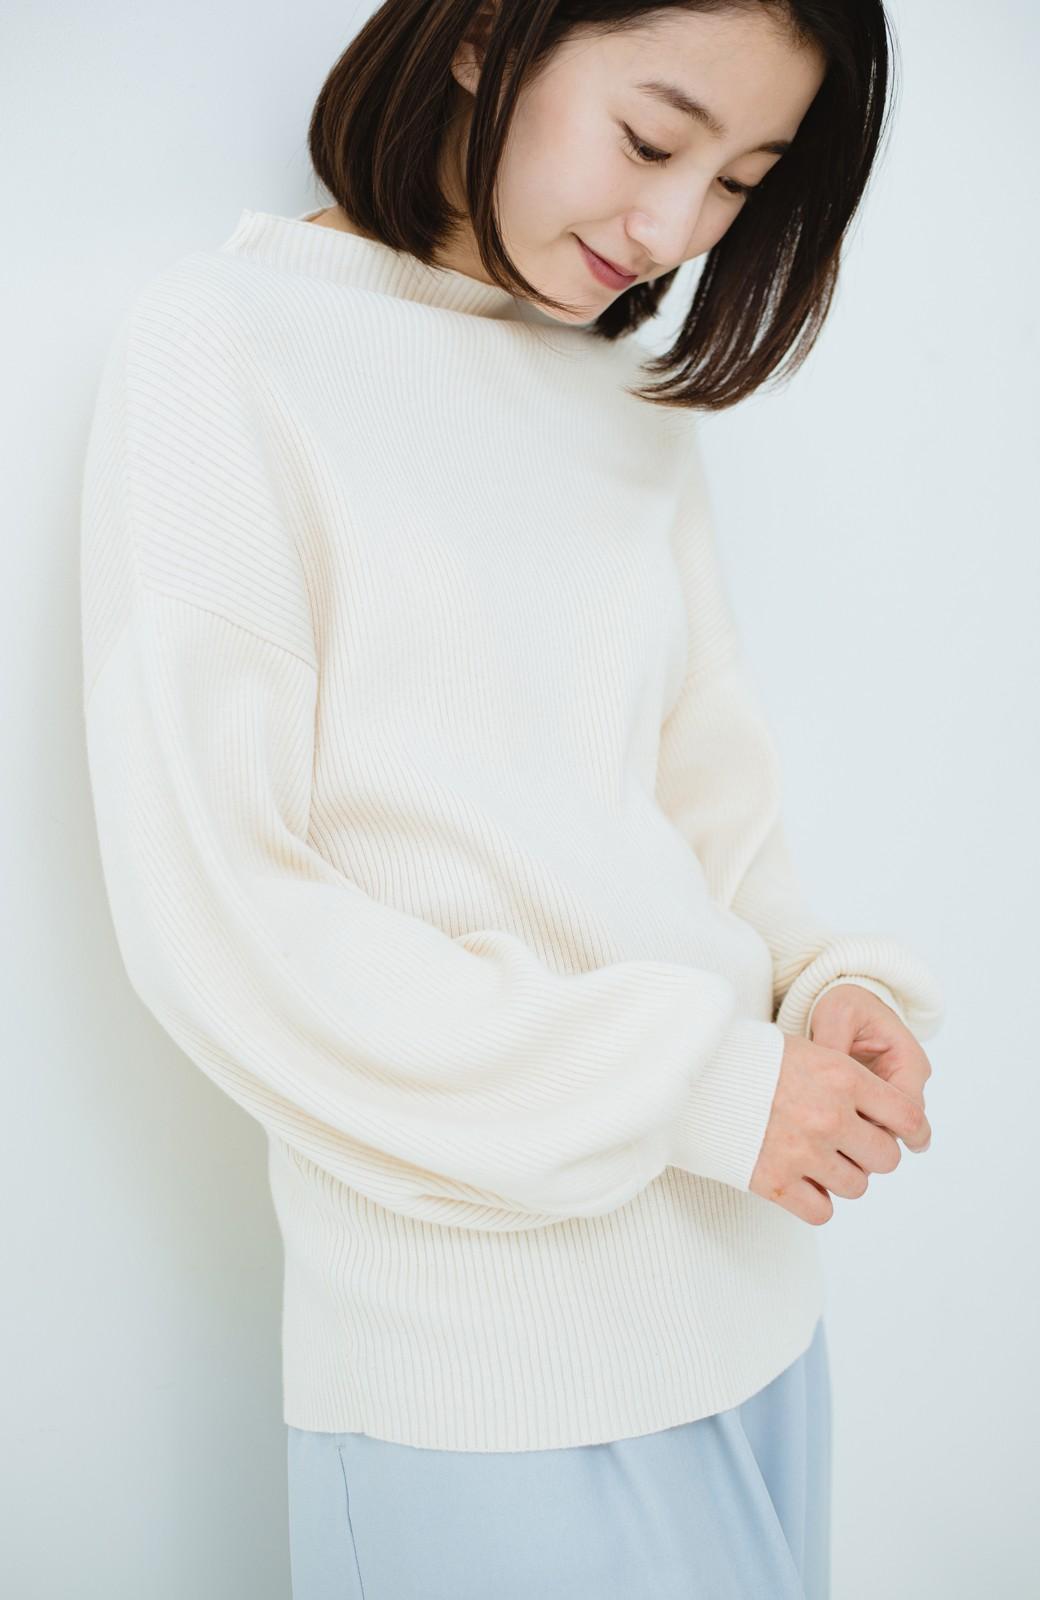 haco! シルク混素材のぷっくり袖リブニット <オフホワイト>の商品写真14